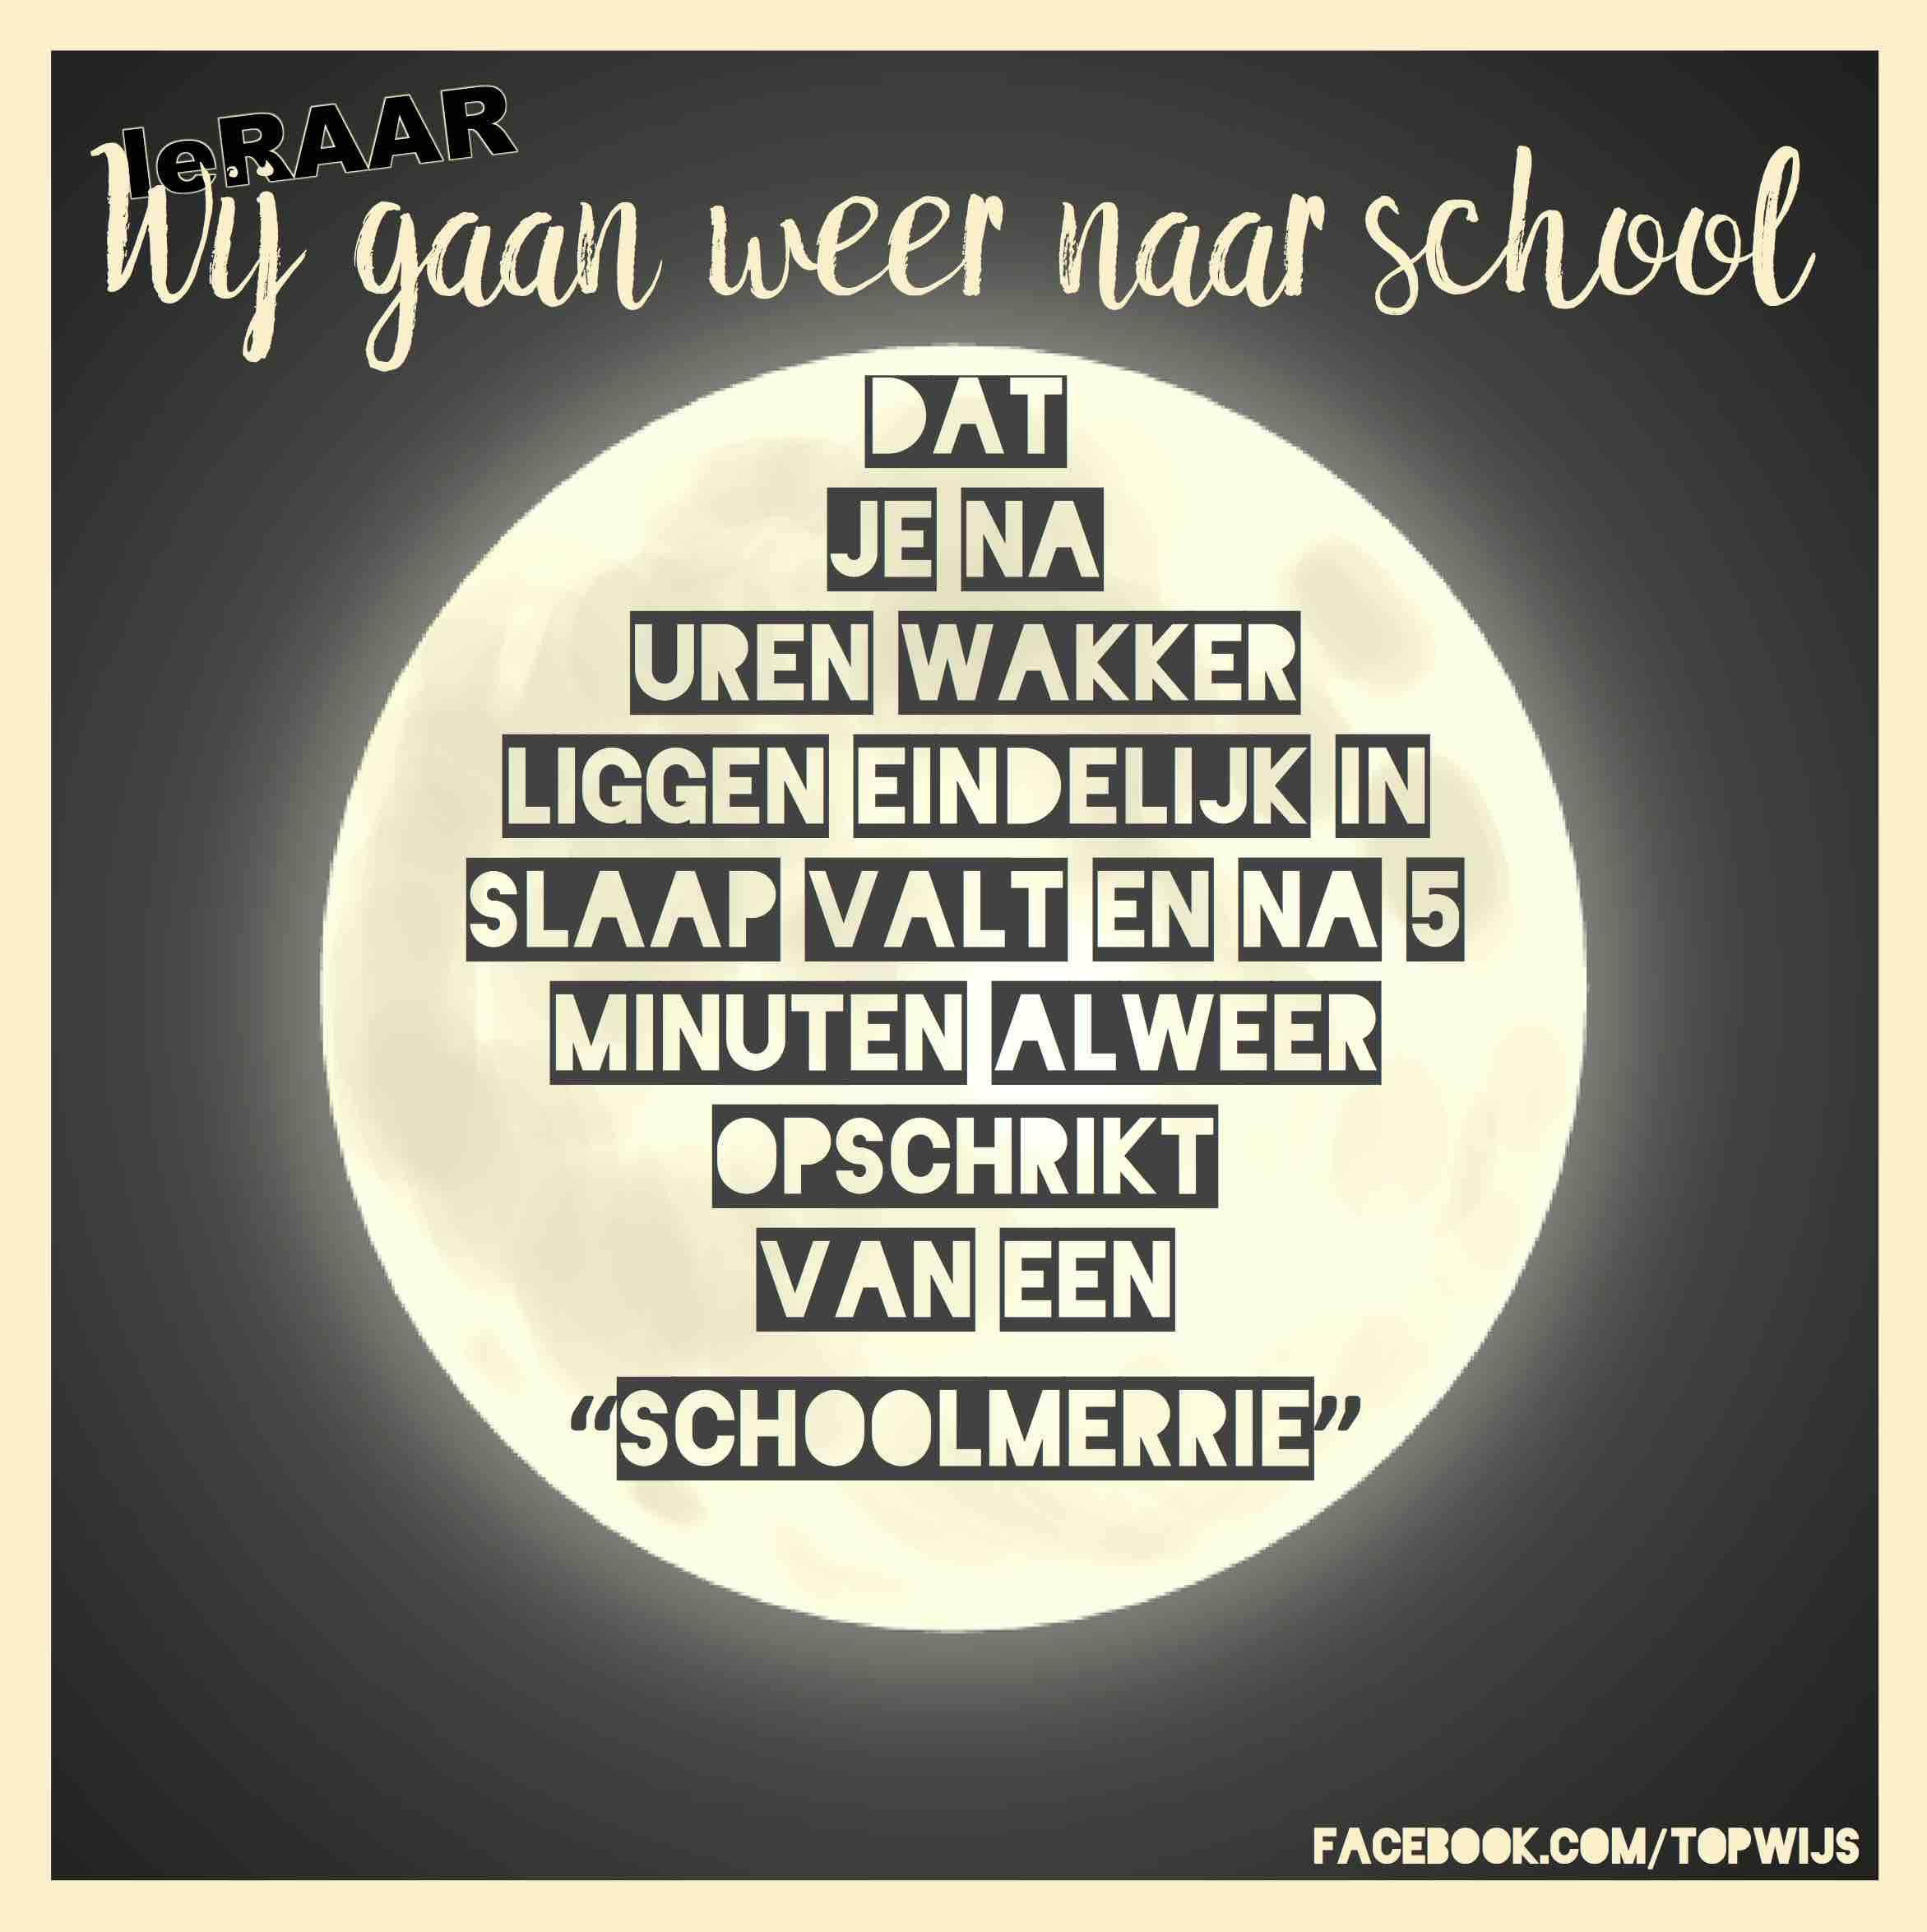 """Je kent het wel. Die nacht voor de eerste schooldag. Een onrustige nacht... #leRAAR: Wij gaan weer naar school. Dat je na uren wakker liggen eindelijk in slaap valt en na 5 minuten alweer opschrikt van een """"schoolmerrie"""""""